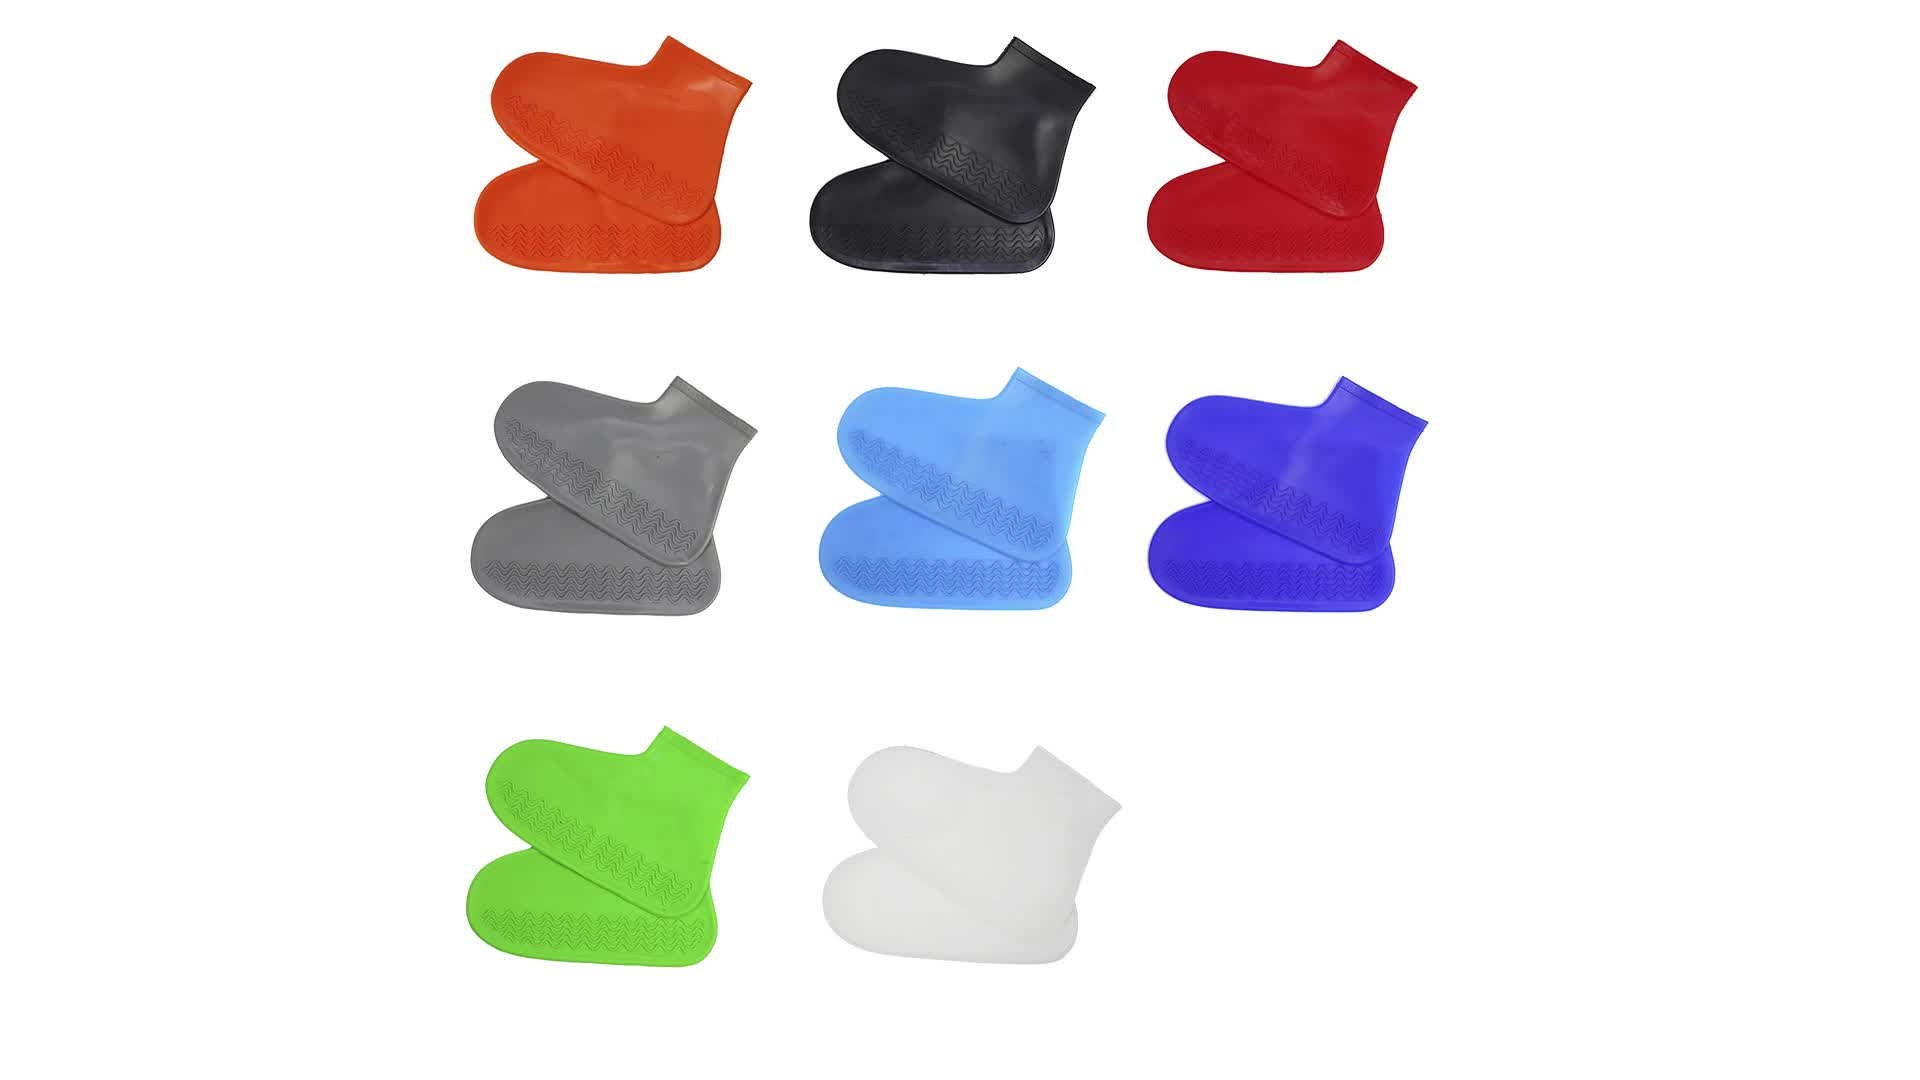 Di plastica del Silicone del pattino pioggia copre riutilizzabile copertura di scarpe per le scarpe di sicurezza copertura della pioggia impermeabile